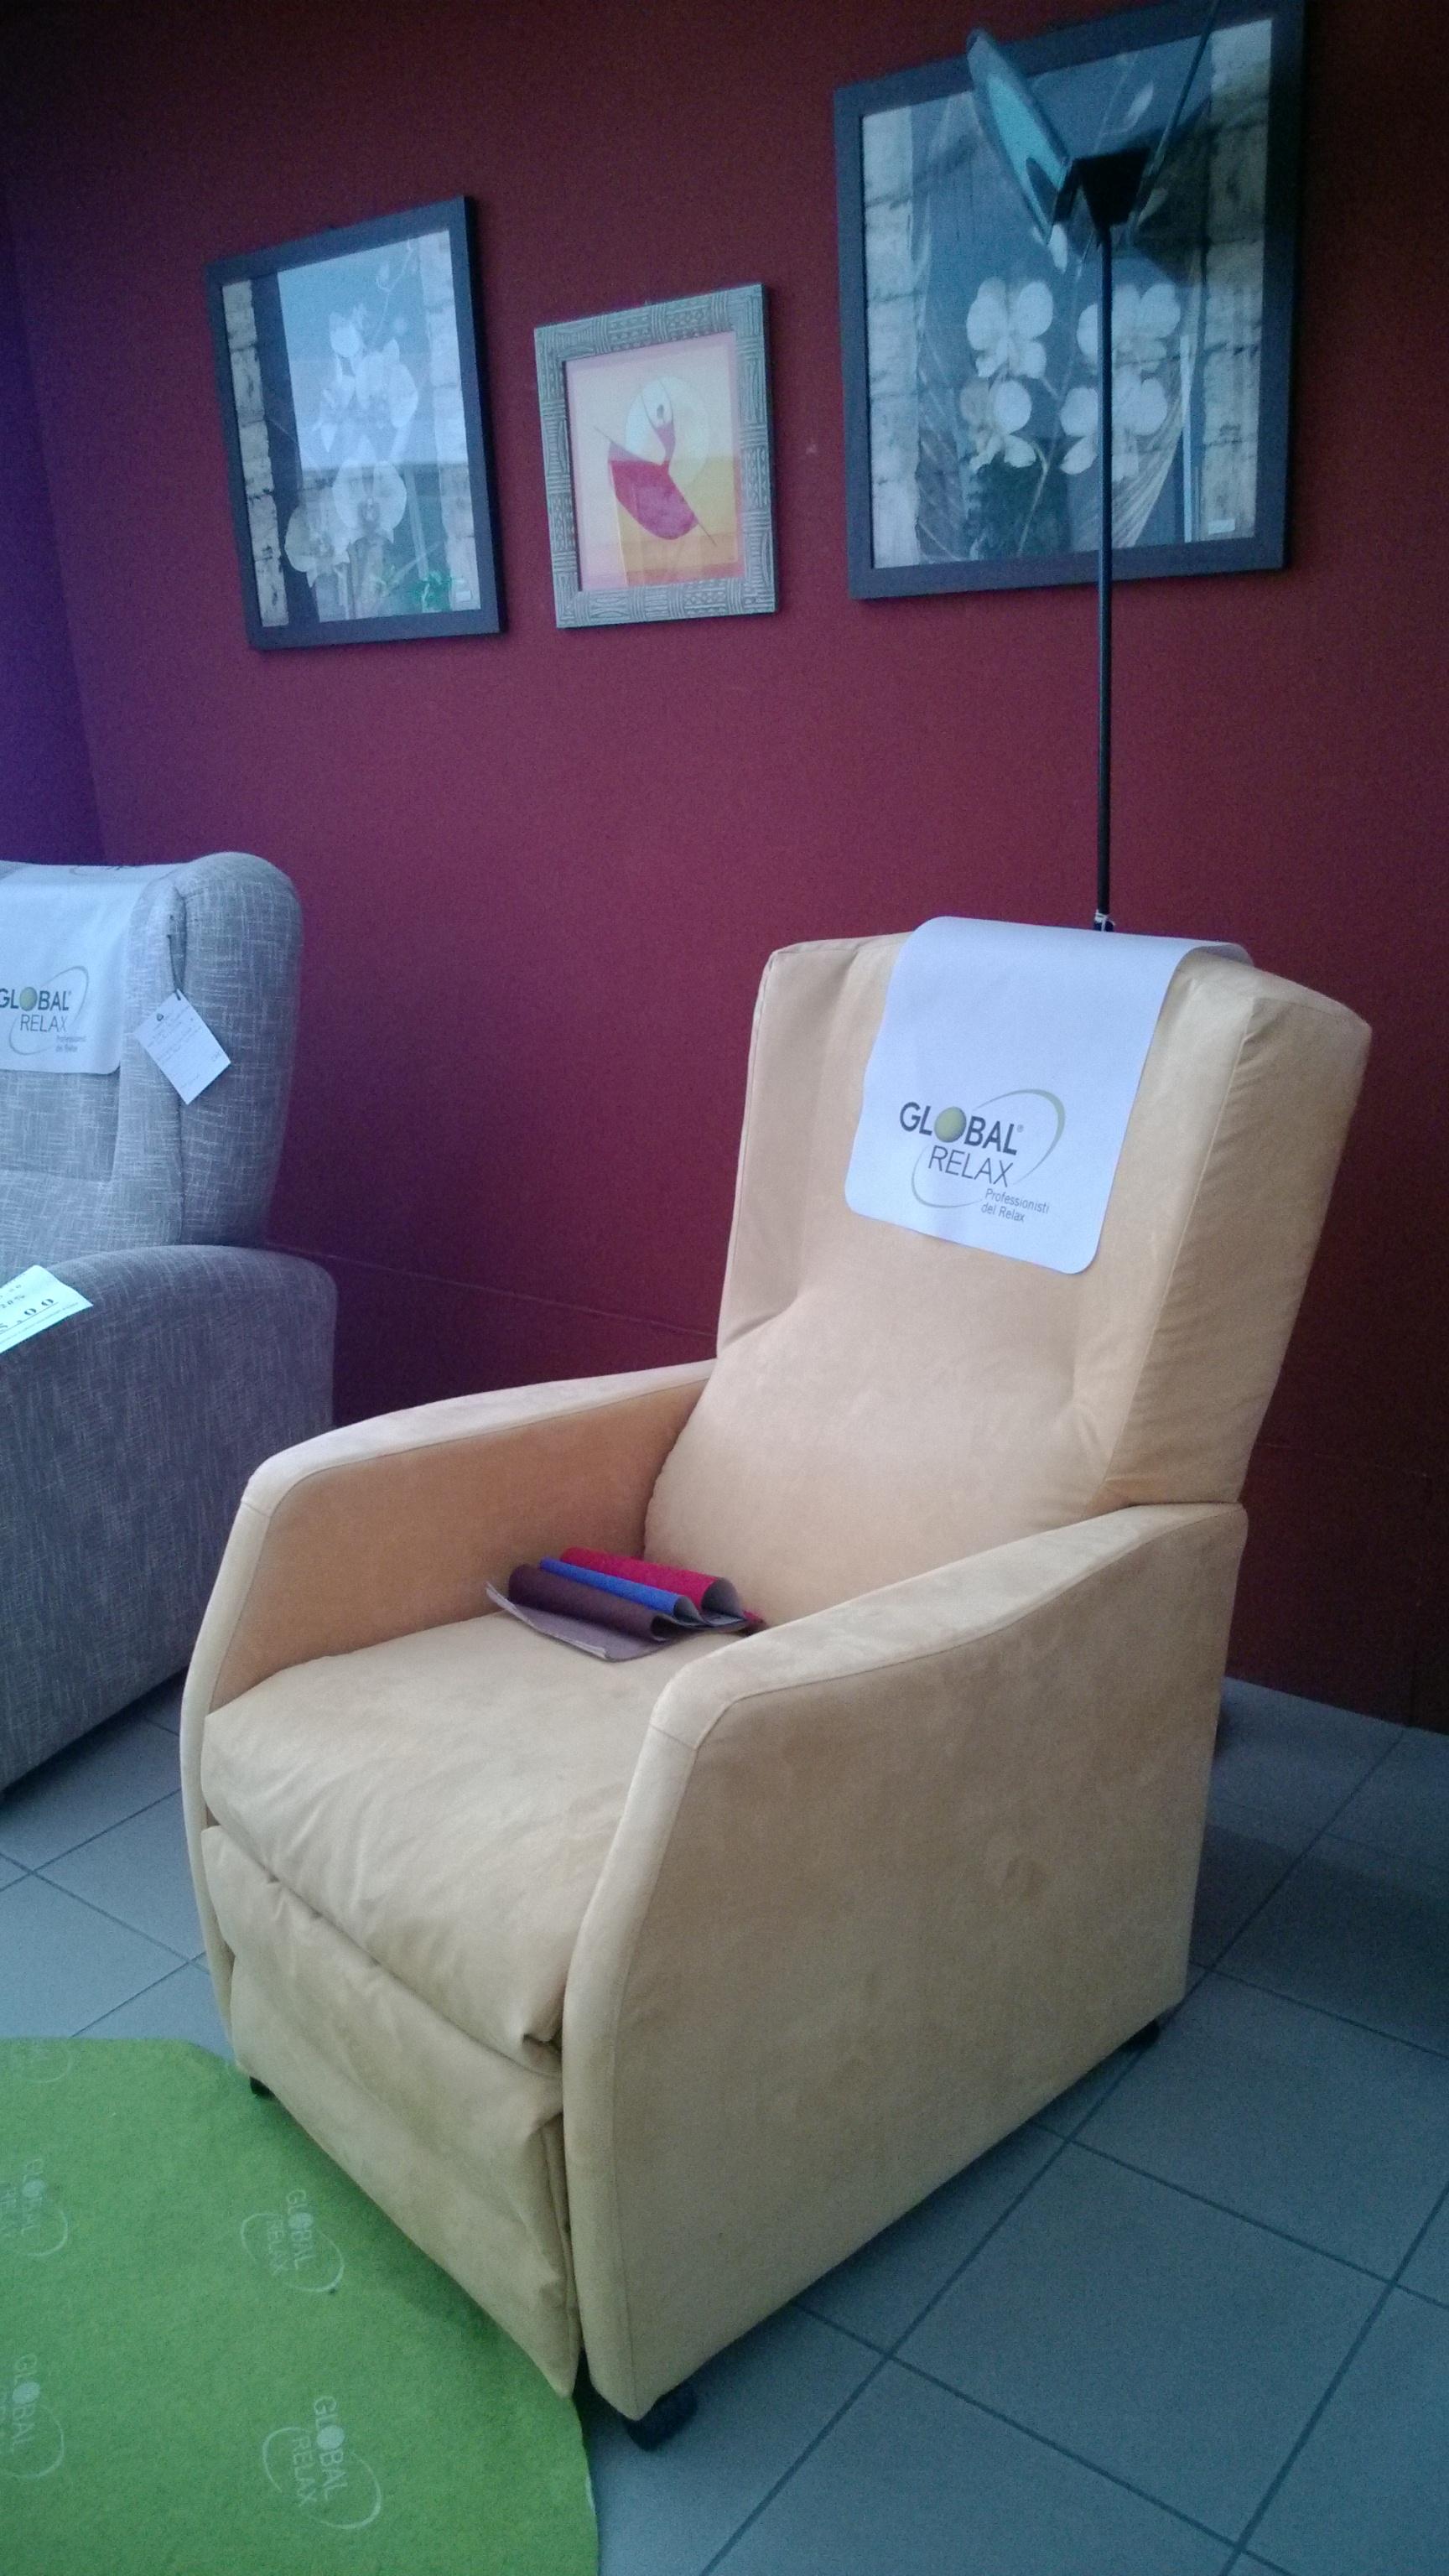 Poltrona Global Relax Modello Vivere Prezzo – Idee immagine mobili